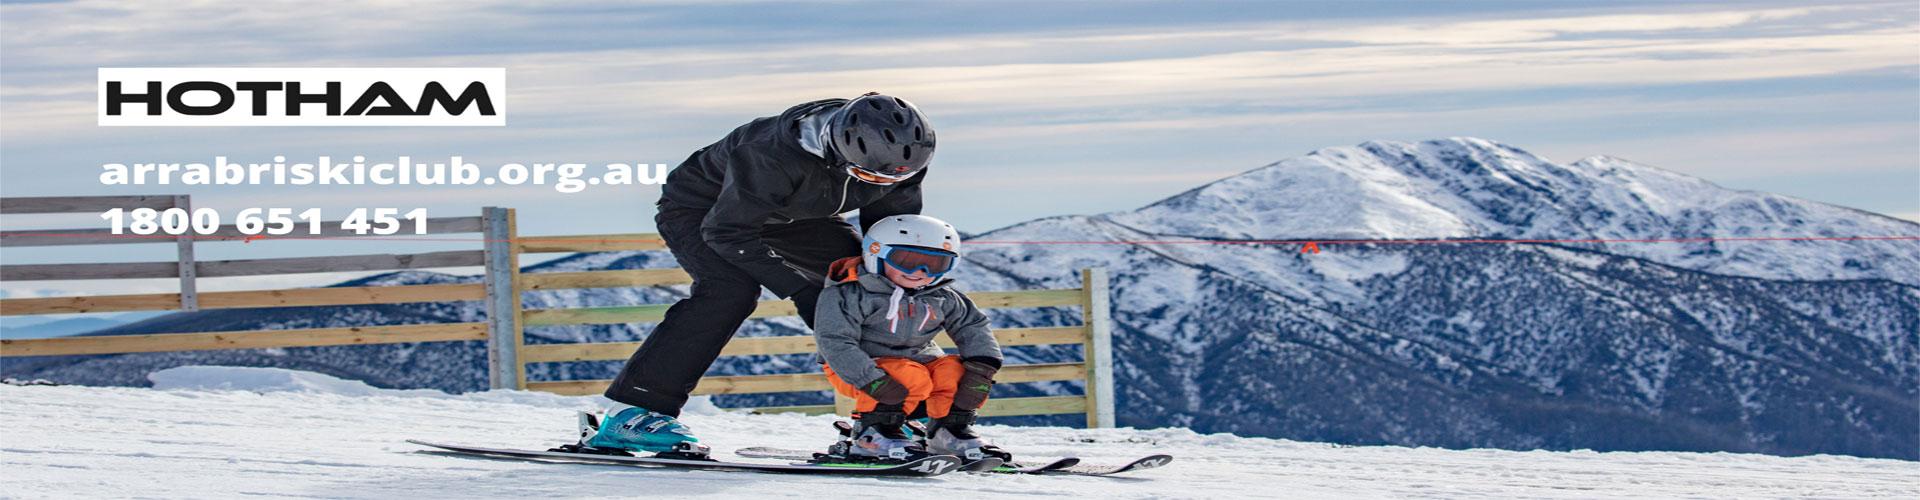 arrabri ski club hotham kids stay free under 5